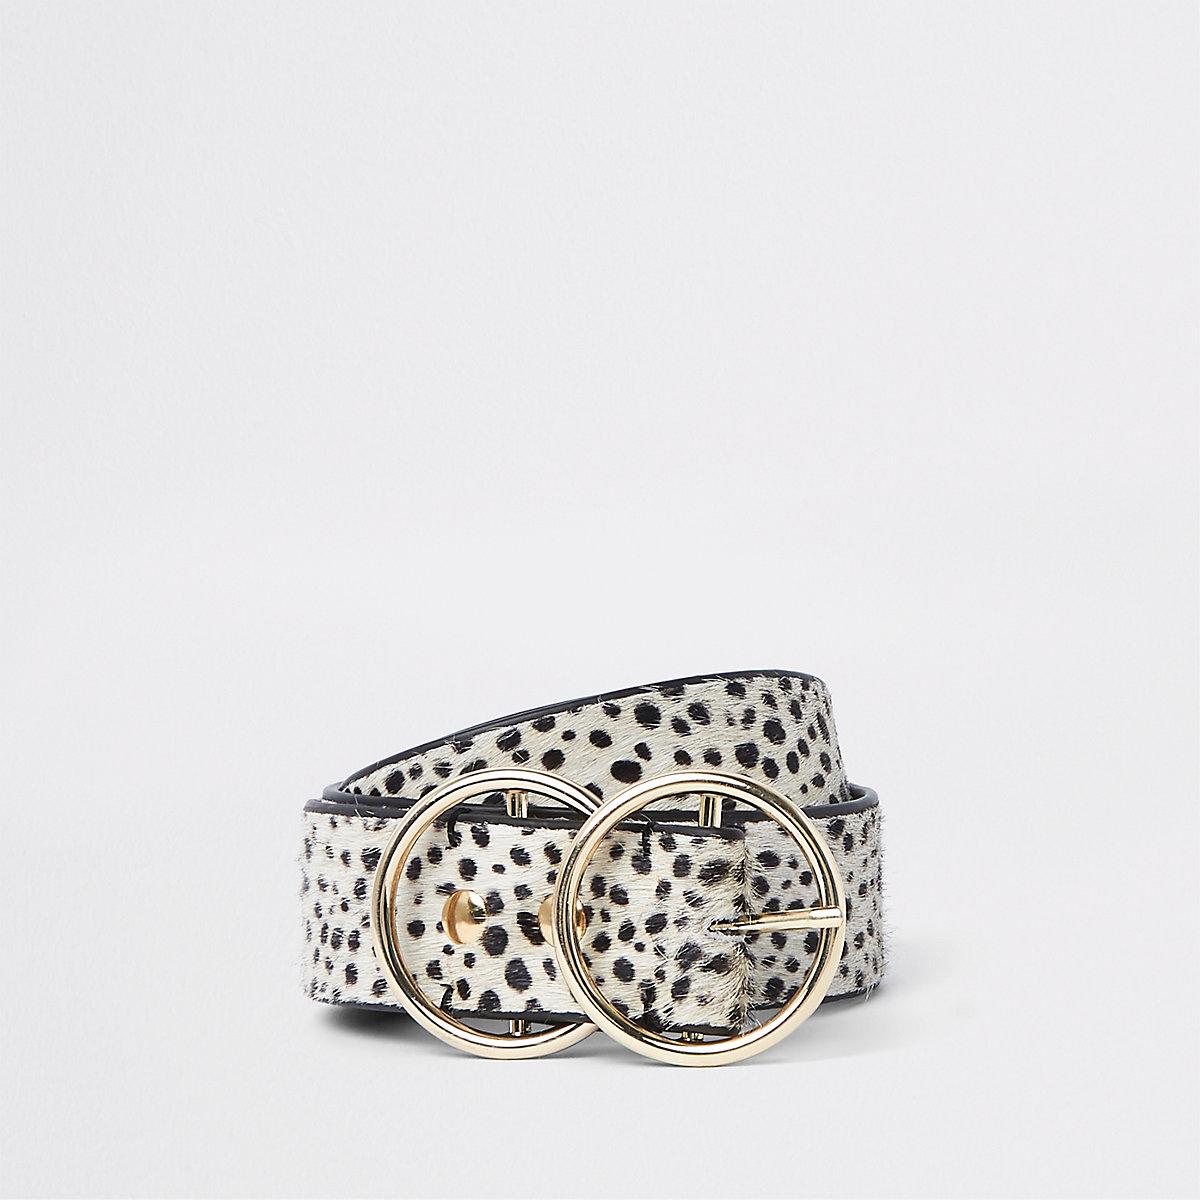 fe18838f30a4 ... Ceinture en cuir imitation poney à imprimé dalmatien blanche à anneaux  ...